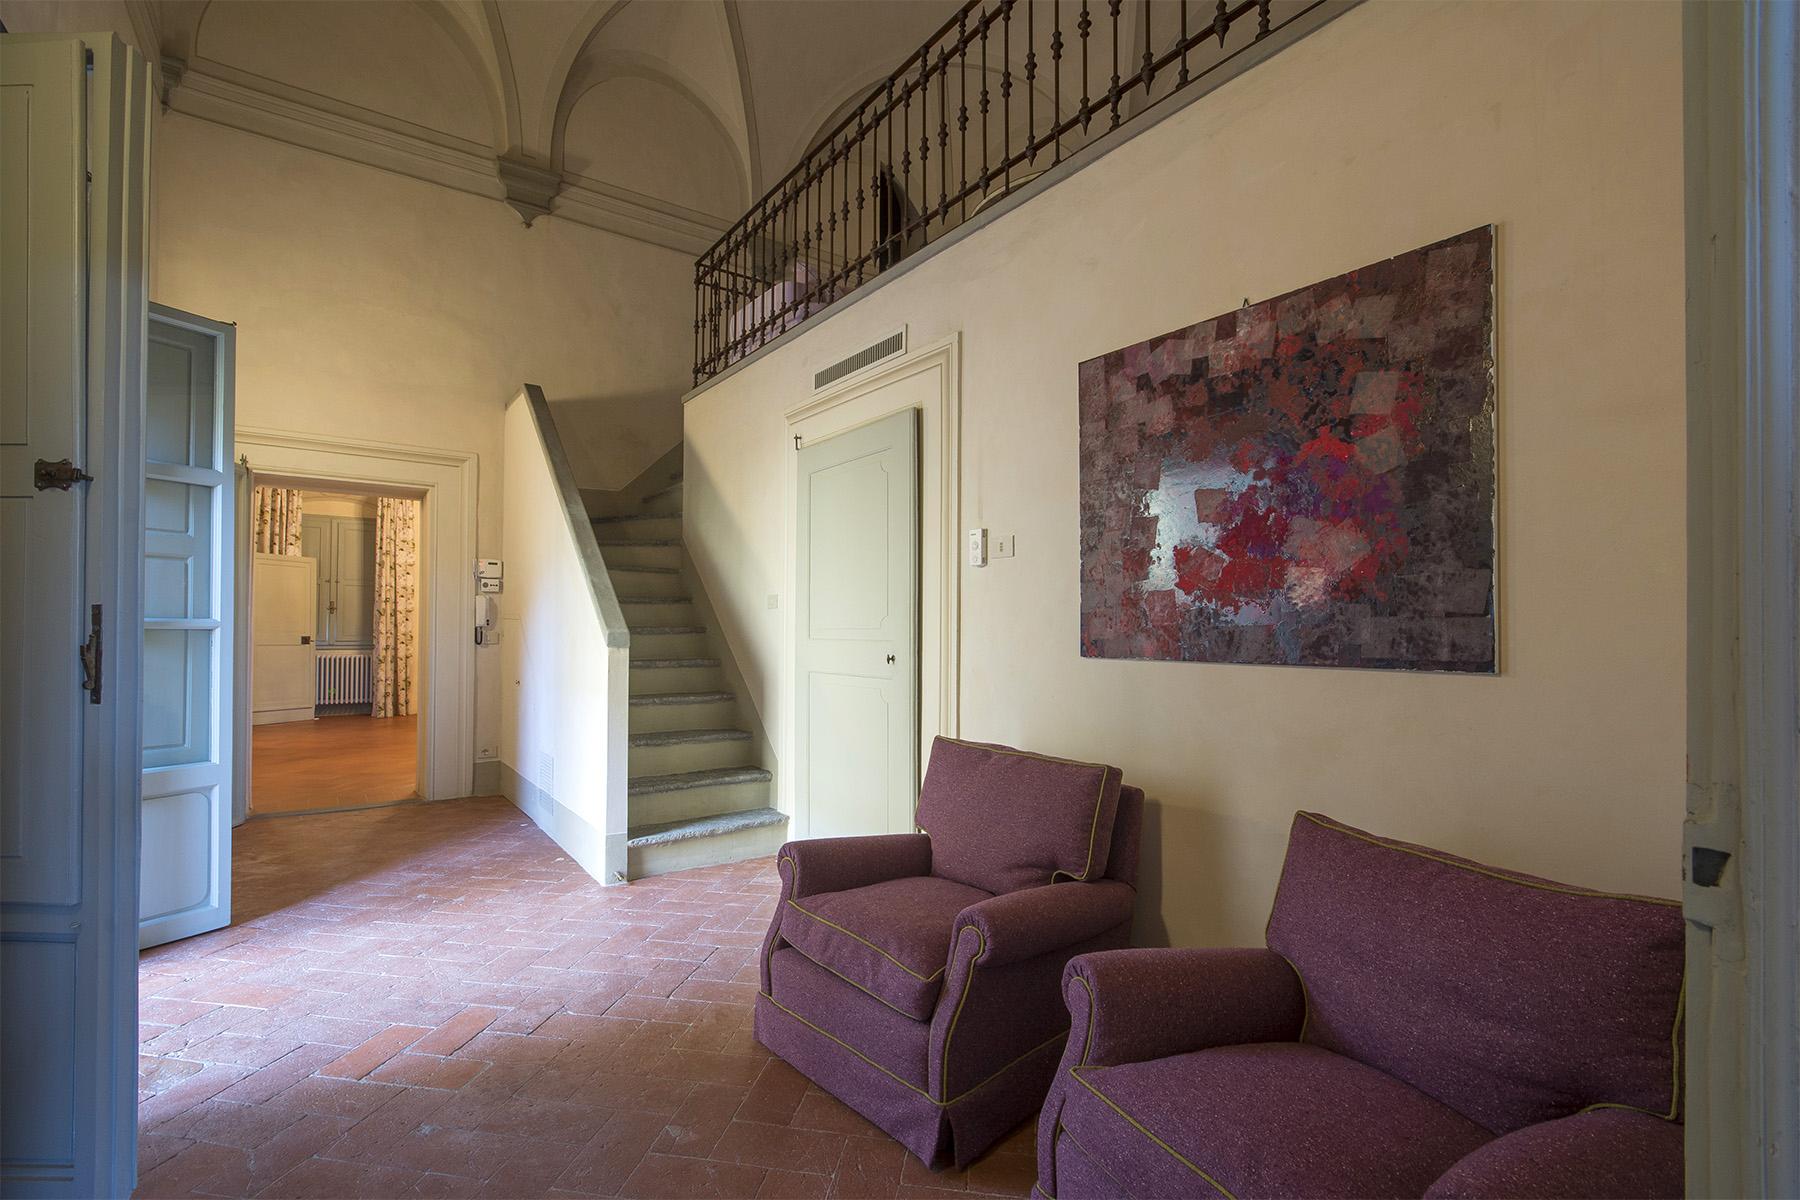 Villa in Vendita a Impruneta: 5 locali, 560 mq - Foto 10